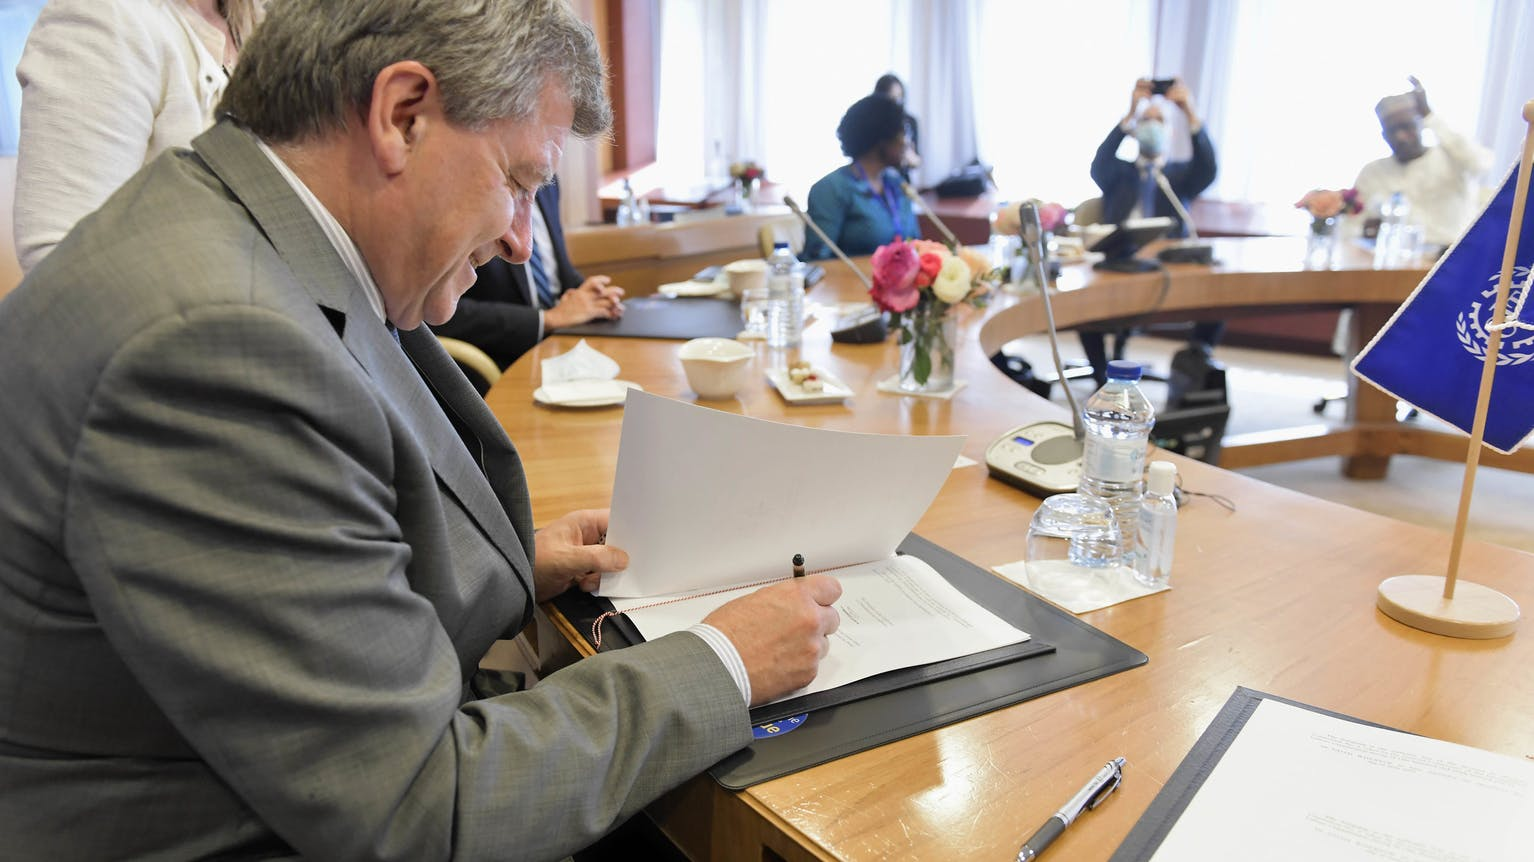 Guy Ryder, Directeur général de l'OIT, lors de la clôture de la session de juin de la 109e Conférence internationale du Travail. Cérémonie de signature. Samedi 19 juin.